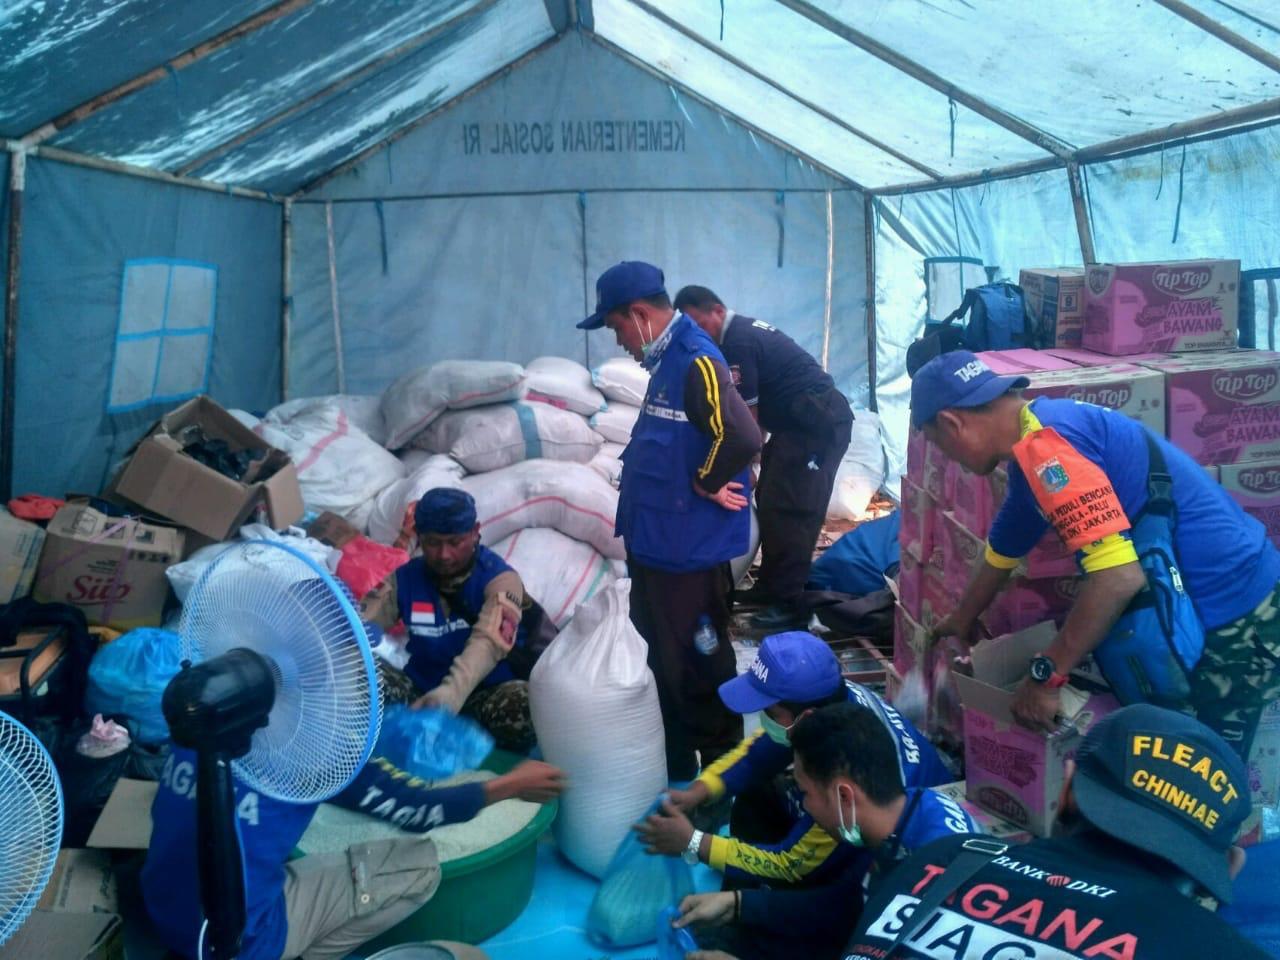 Tagana Pemprov DKI Distribusikan 1500 Paket Sembako Kemensos untuk Palu